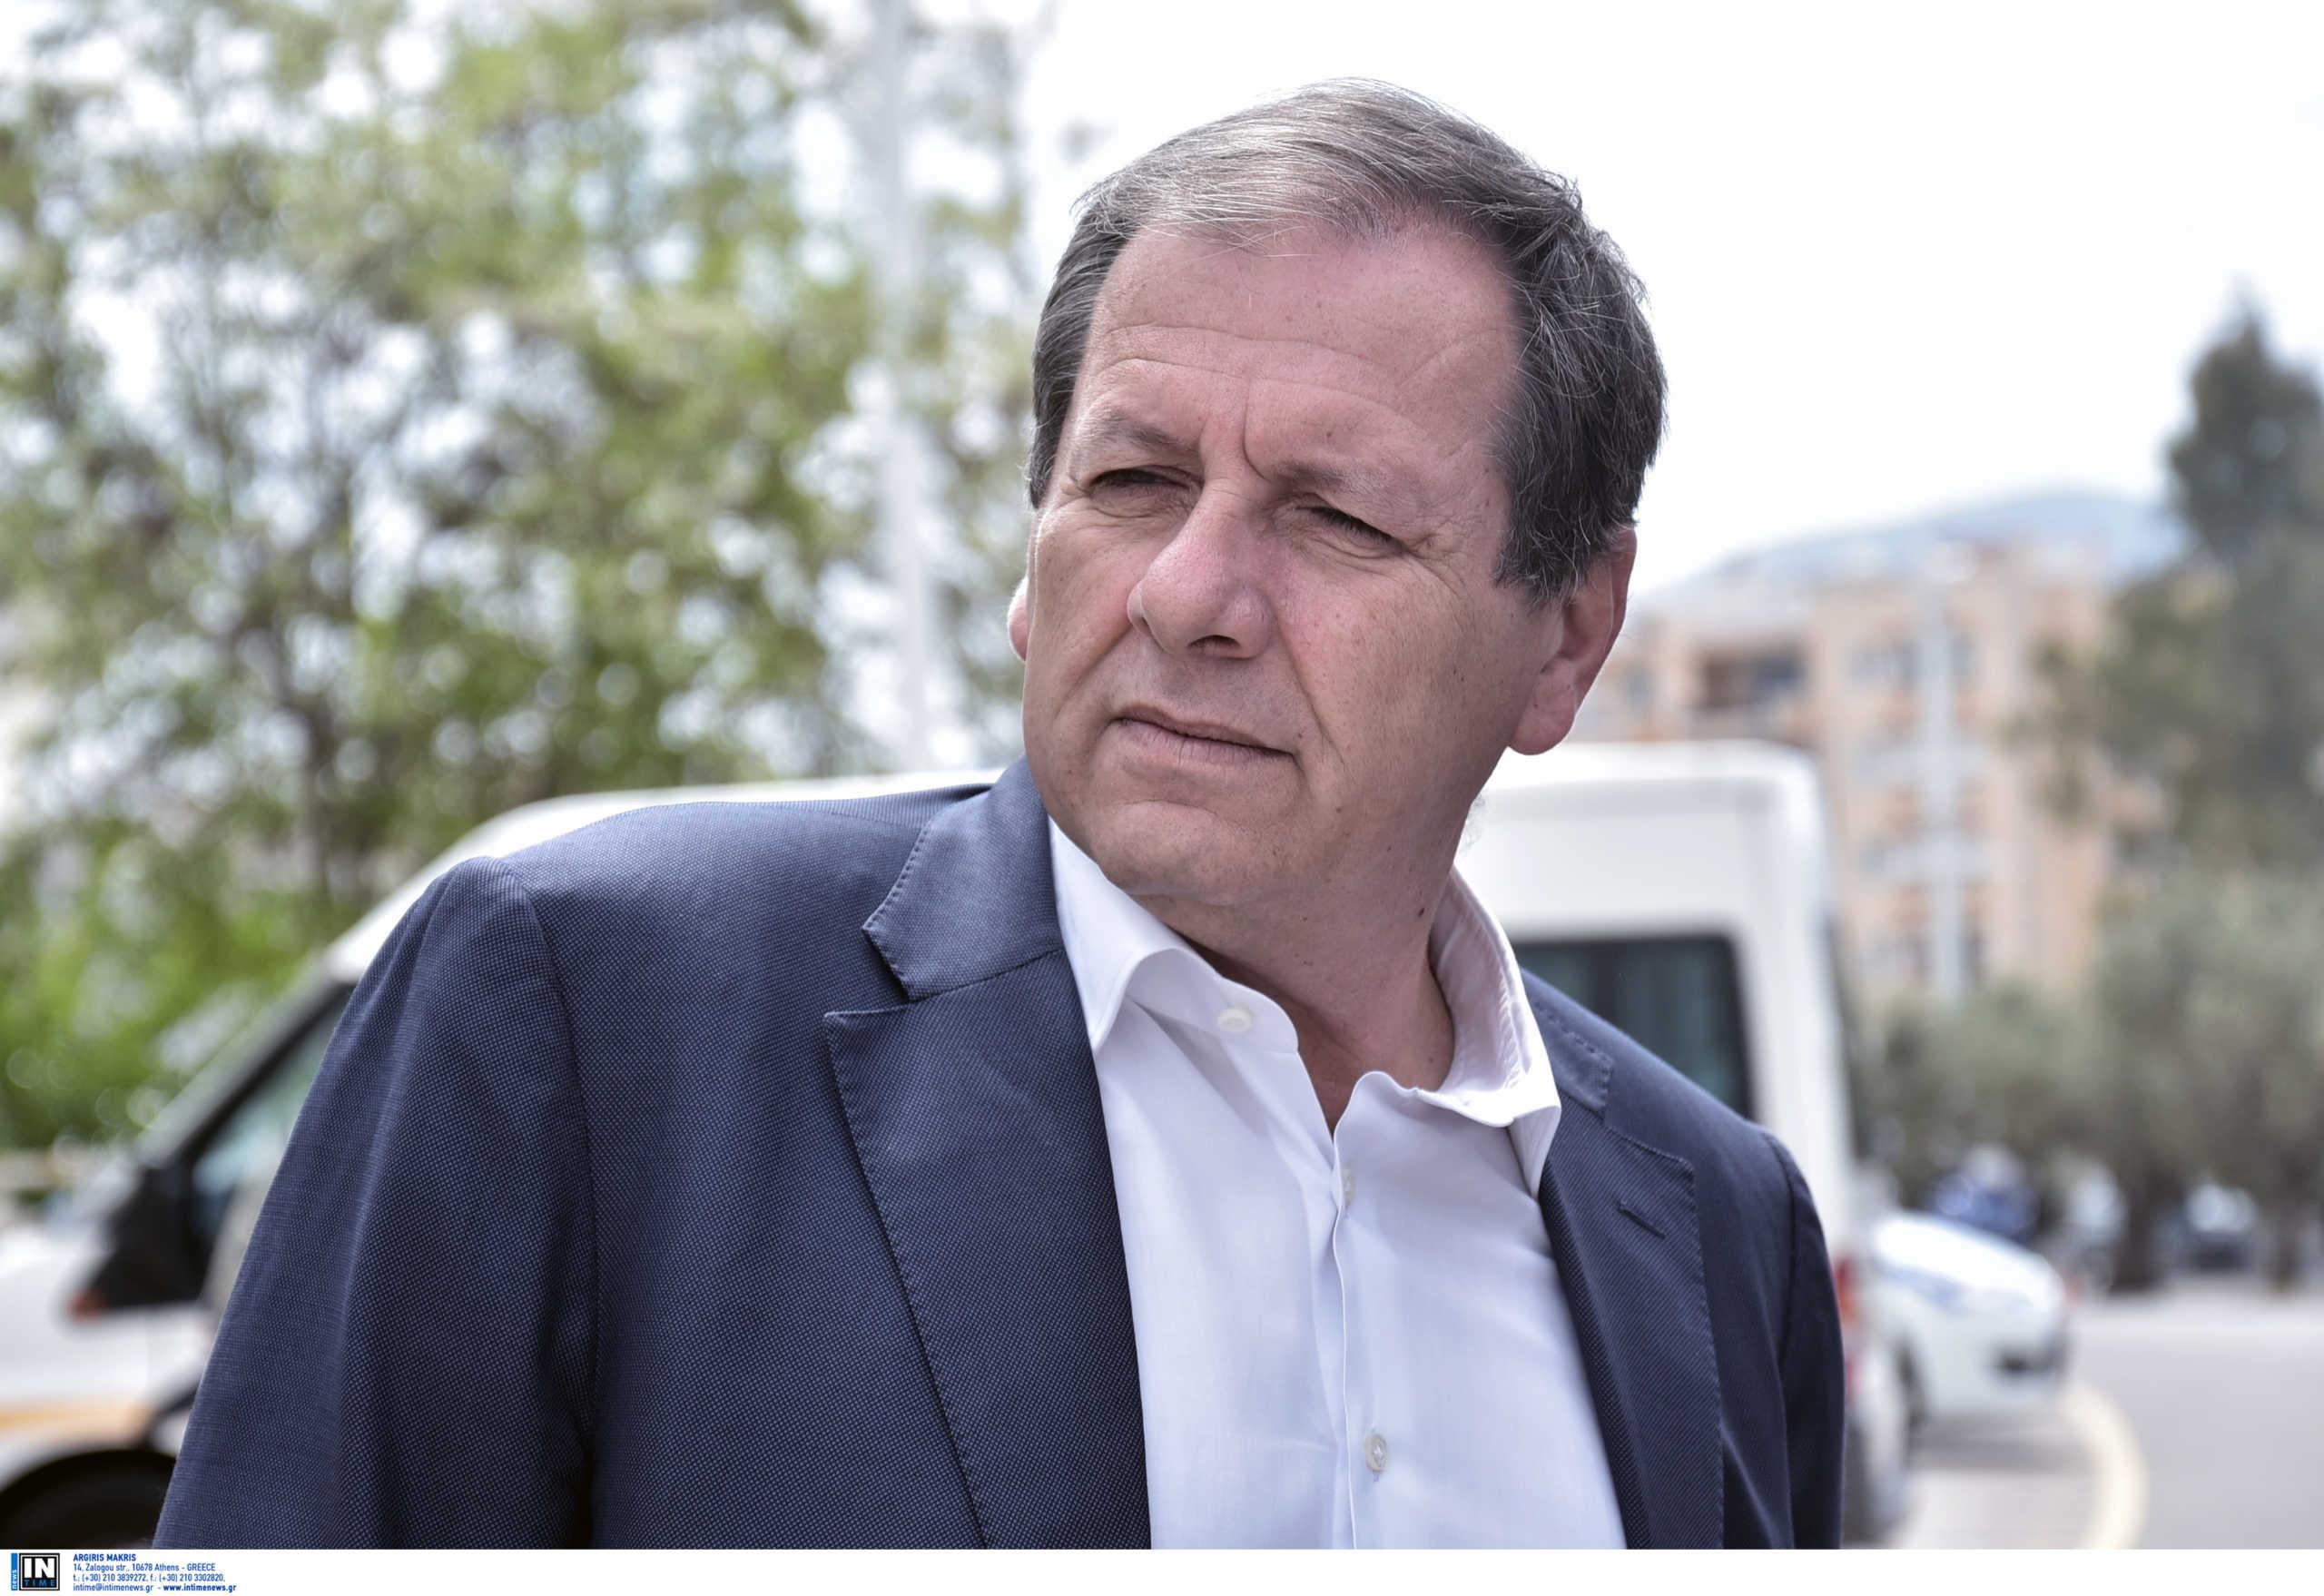 Βόμβες Αγγελόπουλου: «Κάποια τρωκτικά υπονομεύουν την προσπάθεια της ΑΕΚ»